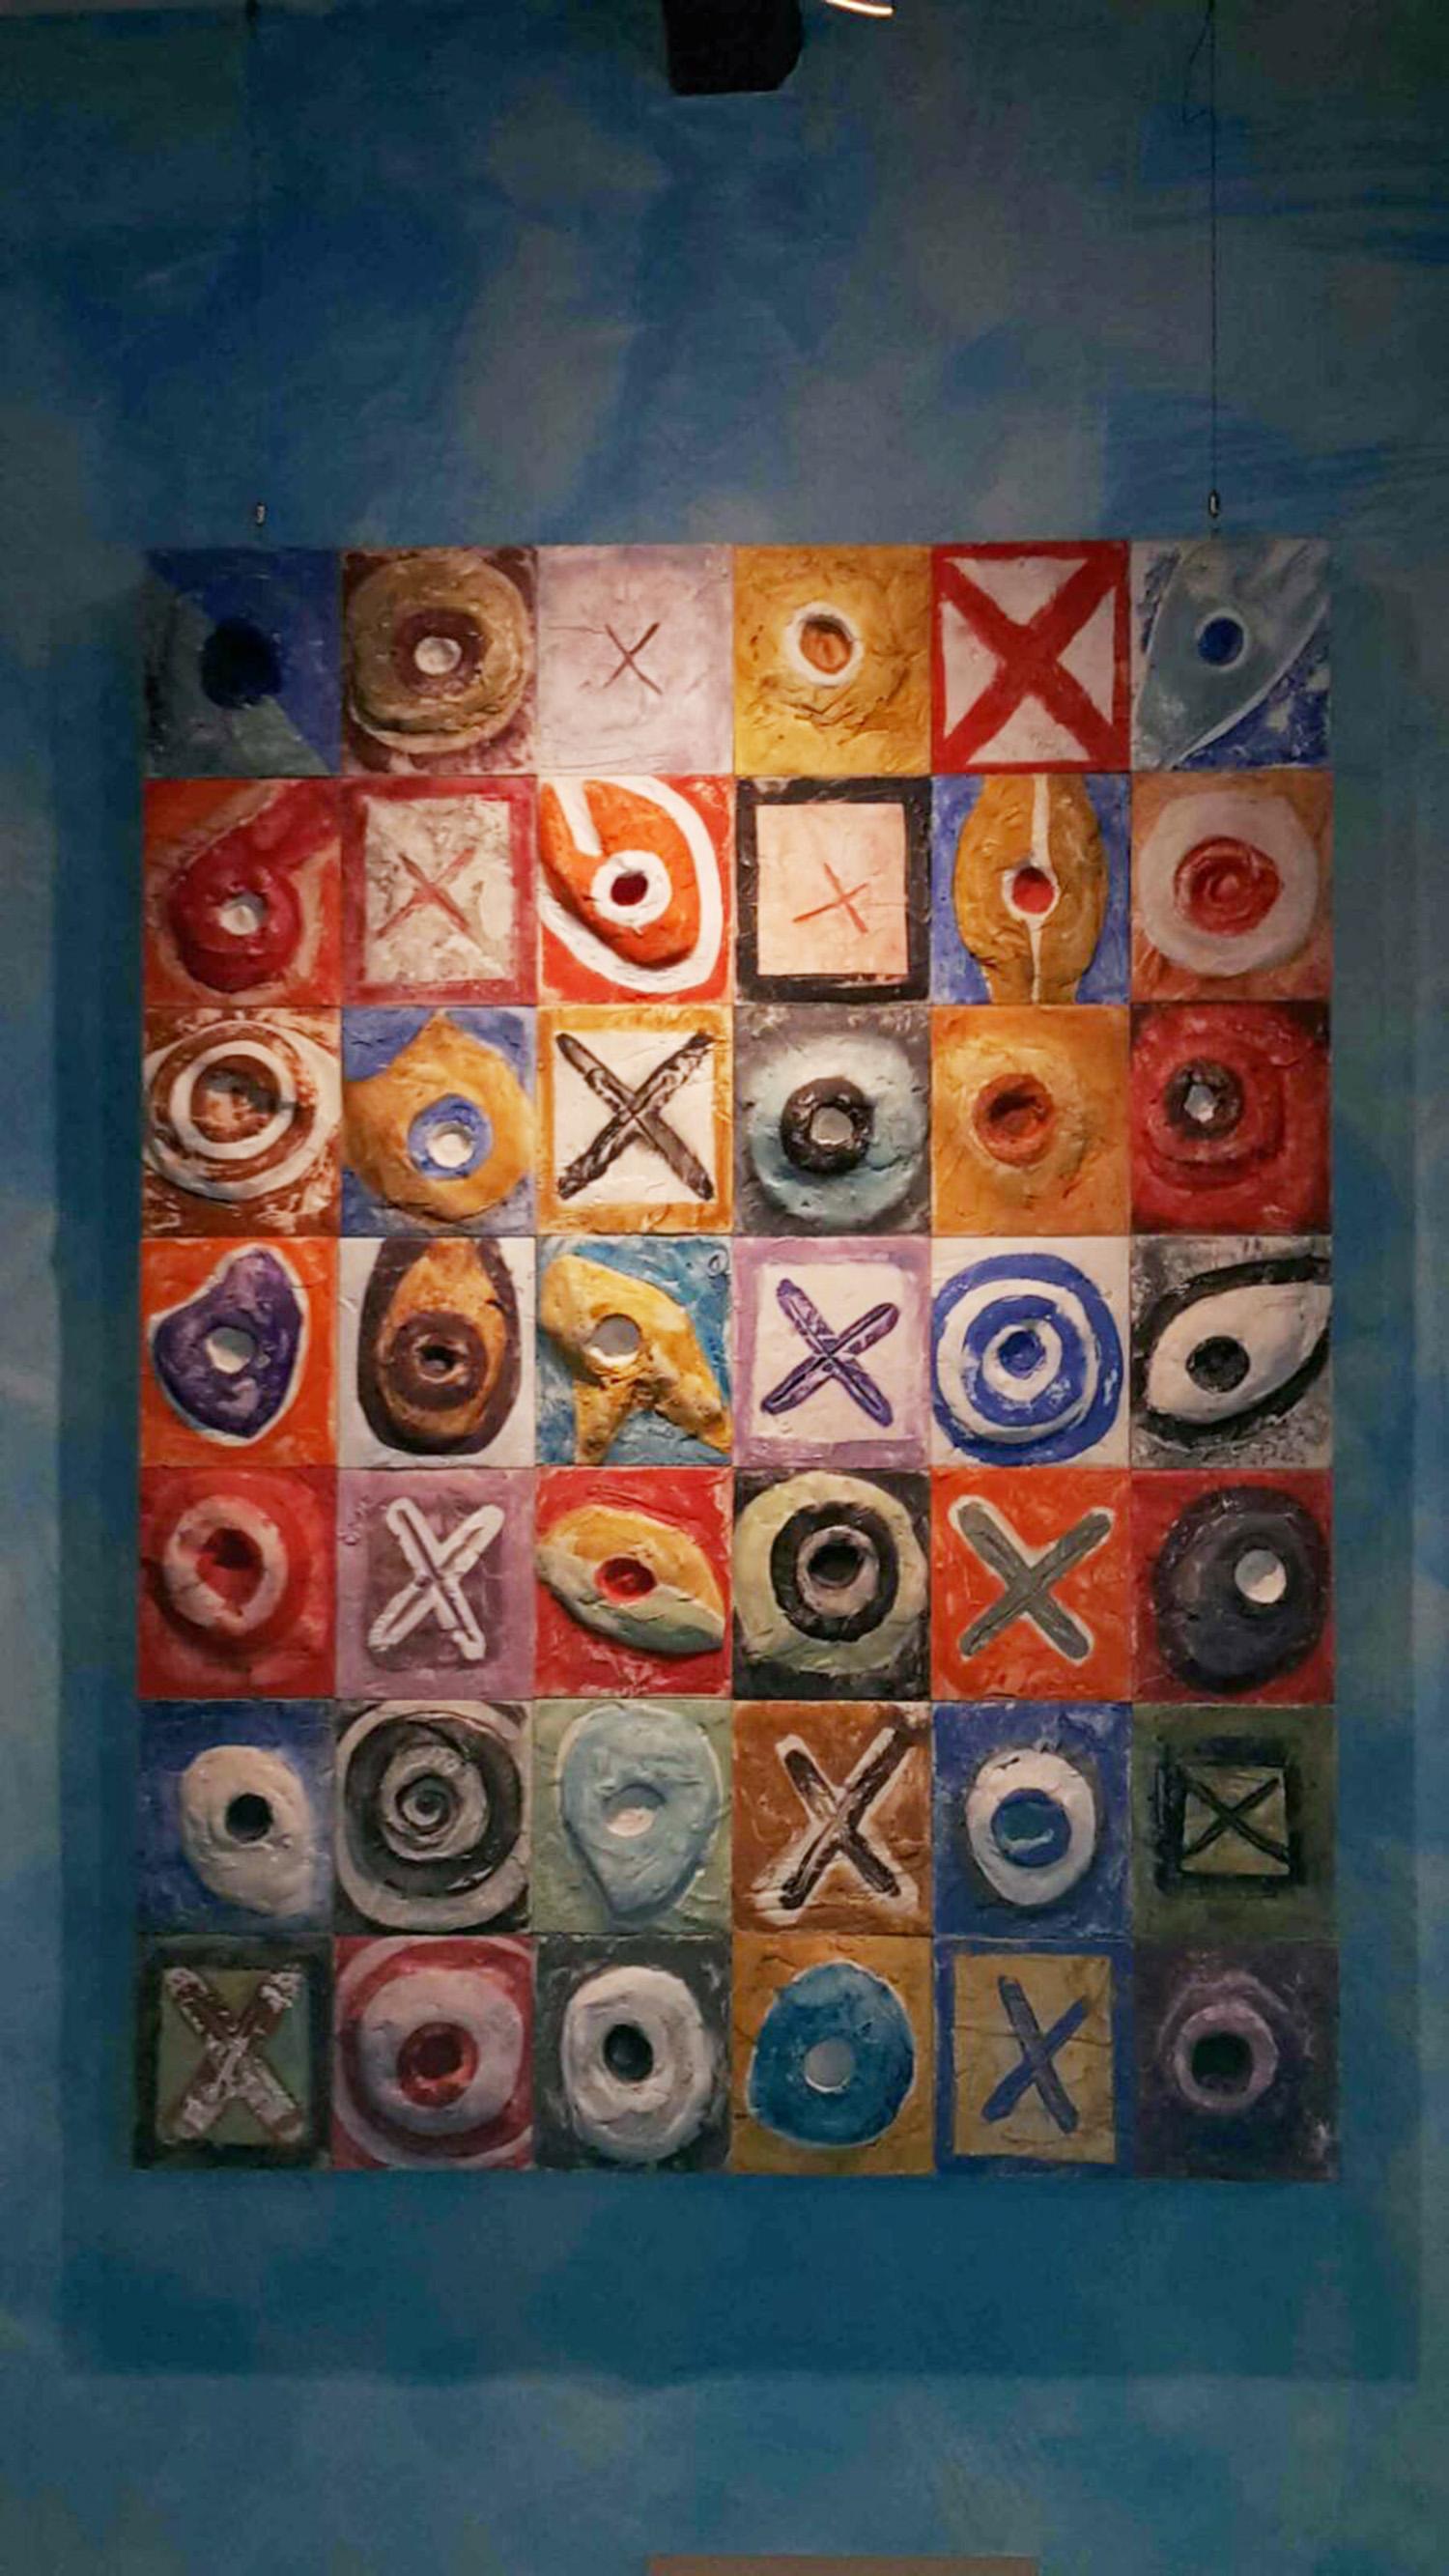 Moduli Dionisio Collezione privata Perugia 2014 Gesso modellato su multistrato. Colorazione con pigmenti Cm 100x150